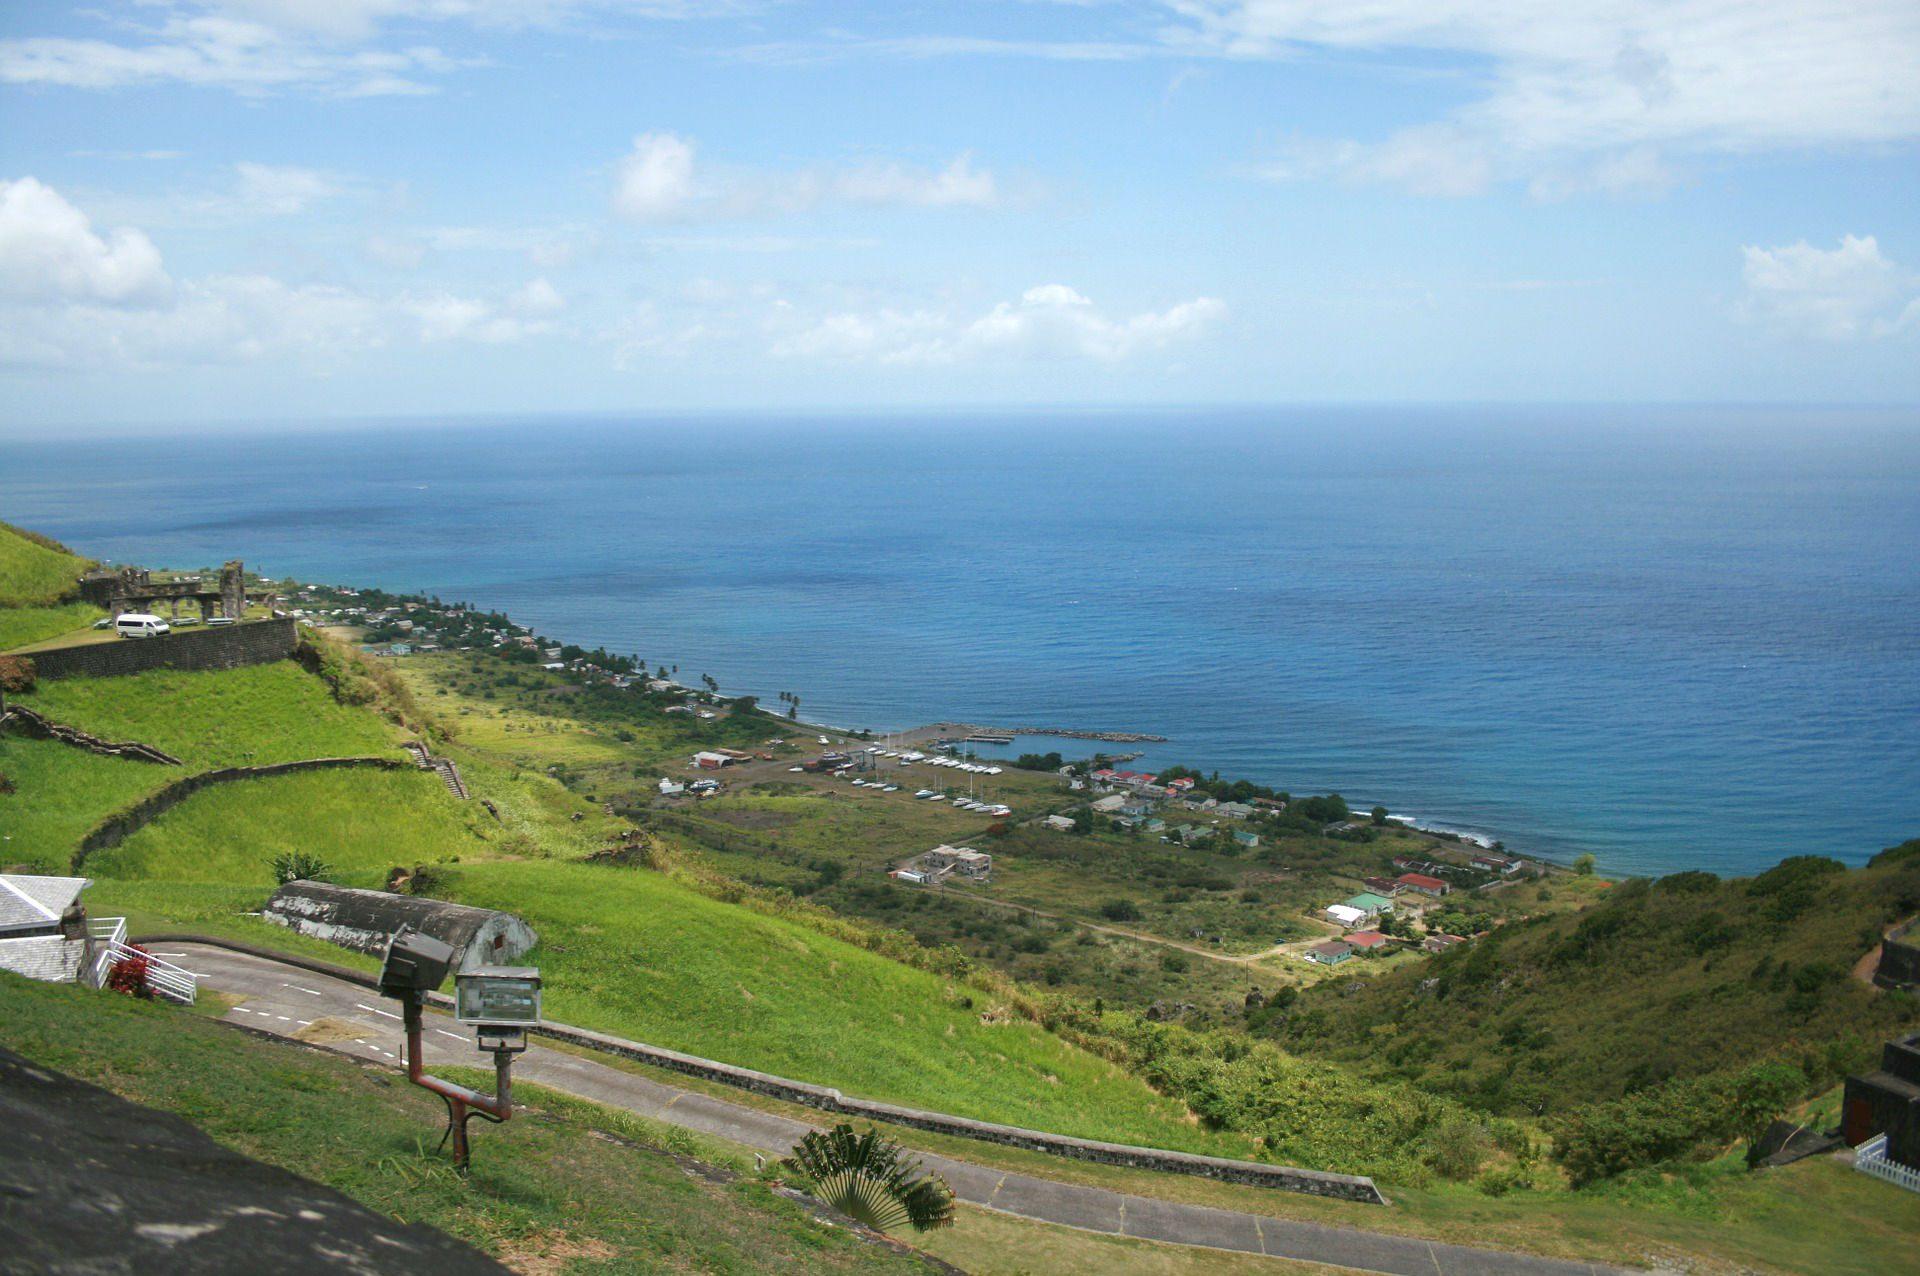 Die karibischen Inseln St. Kitts und Nevis